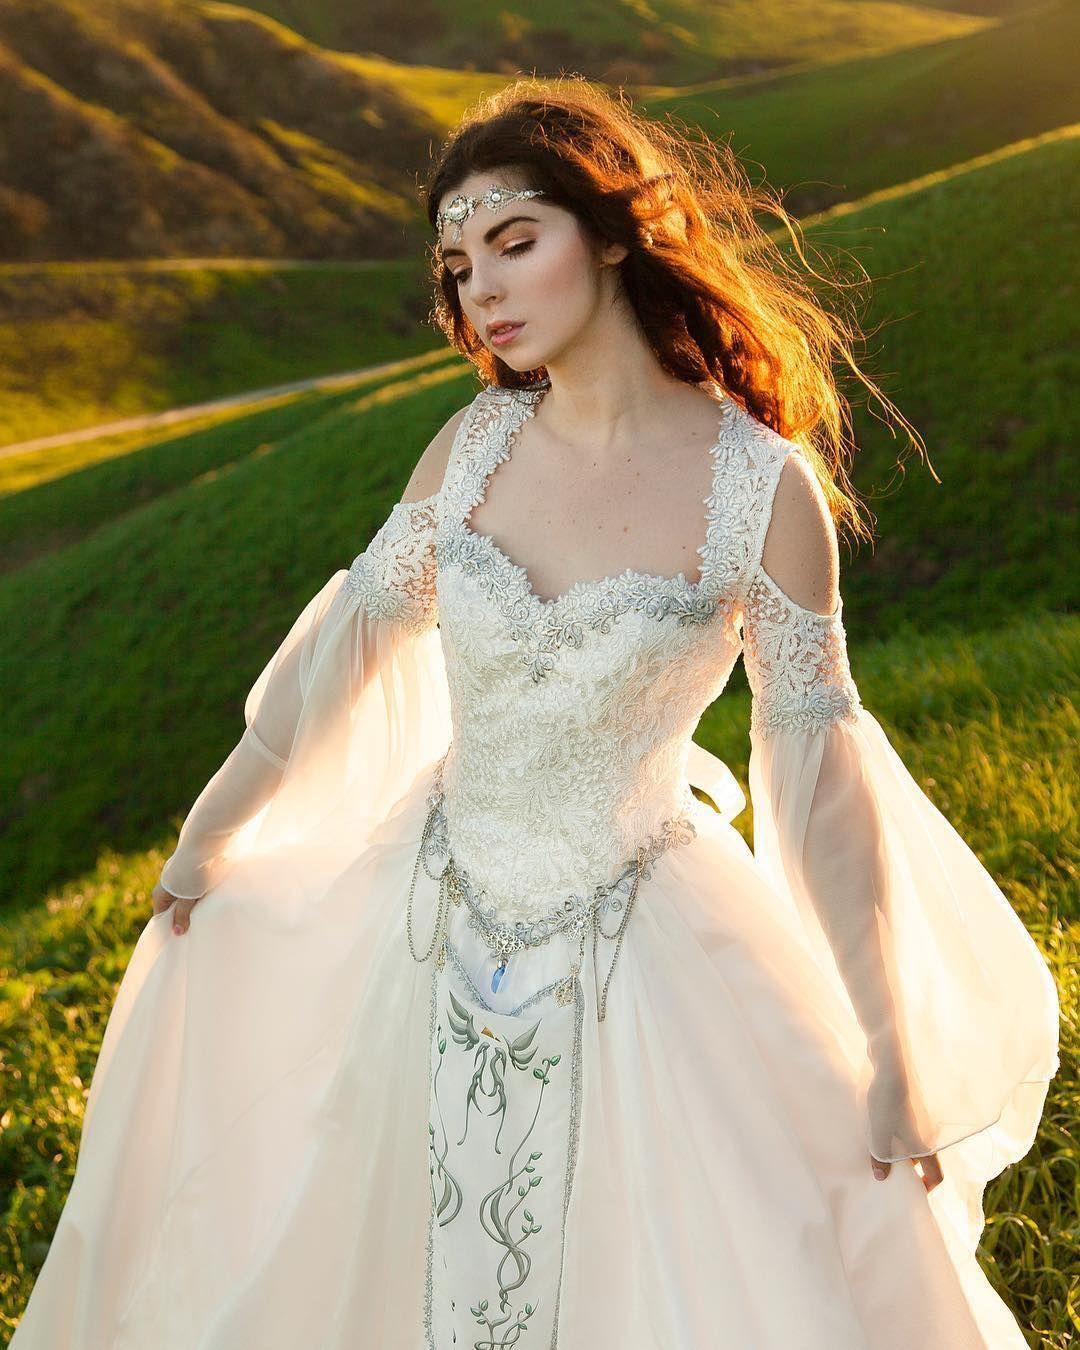 The LEGEND OF ZELDA Inspired Wedding Dress Is Beautiful